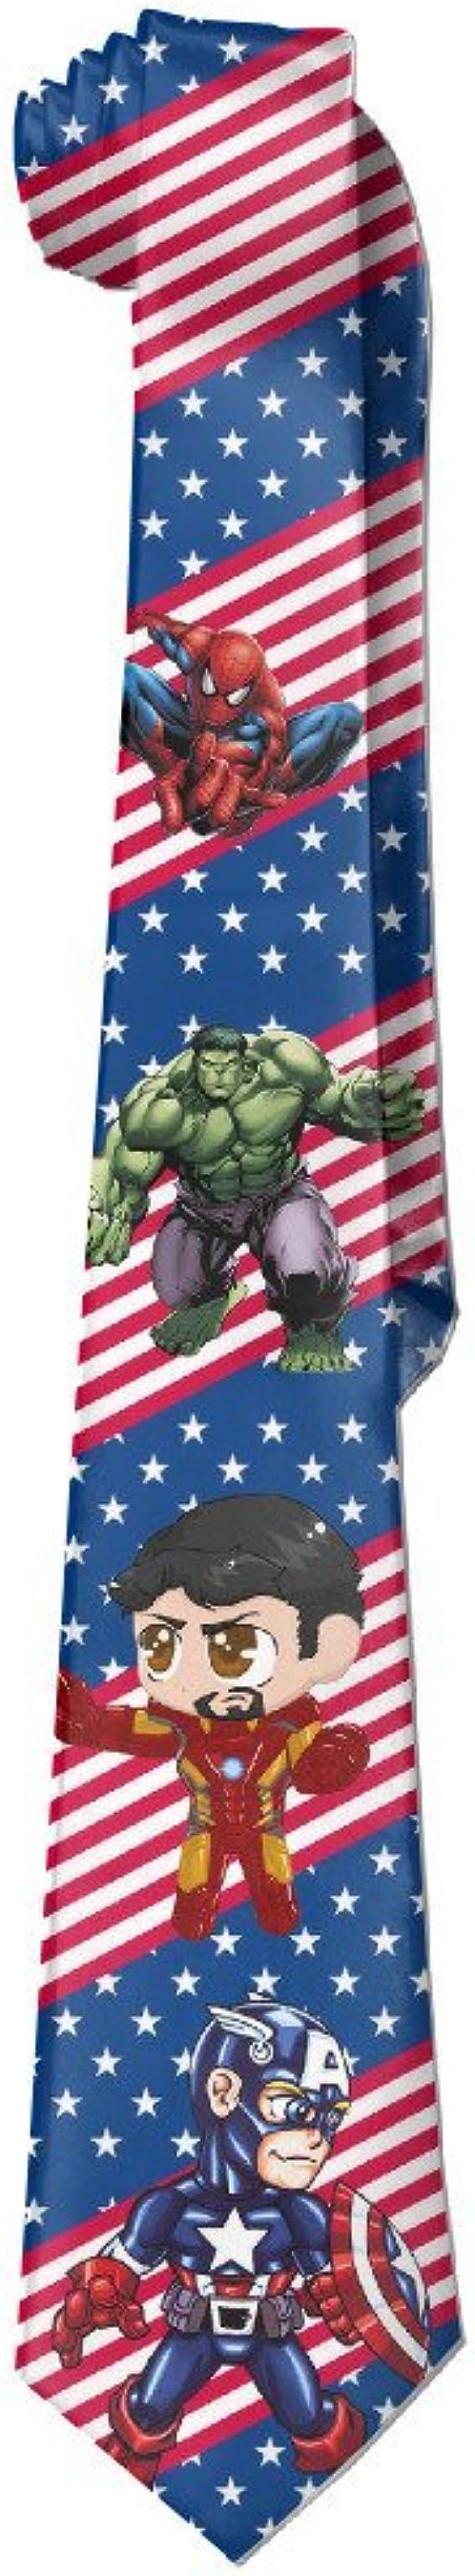 Ironman de bloque de Avengers Hulk Nueva novedad corbata Tie ...